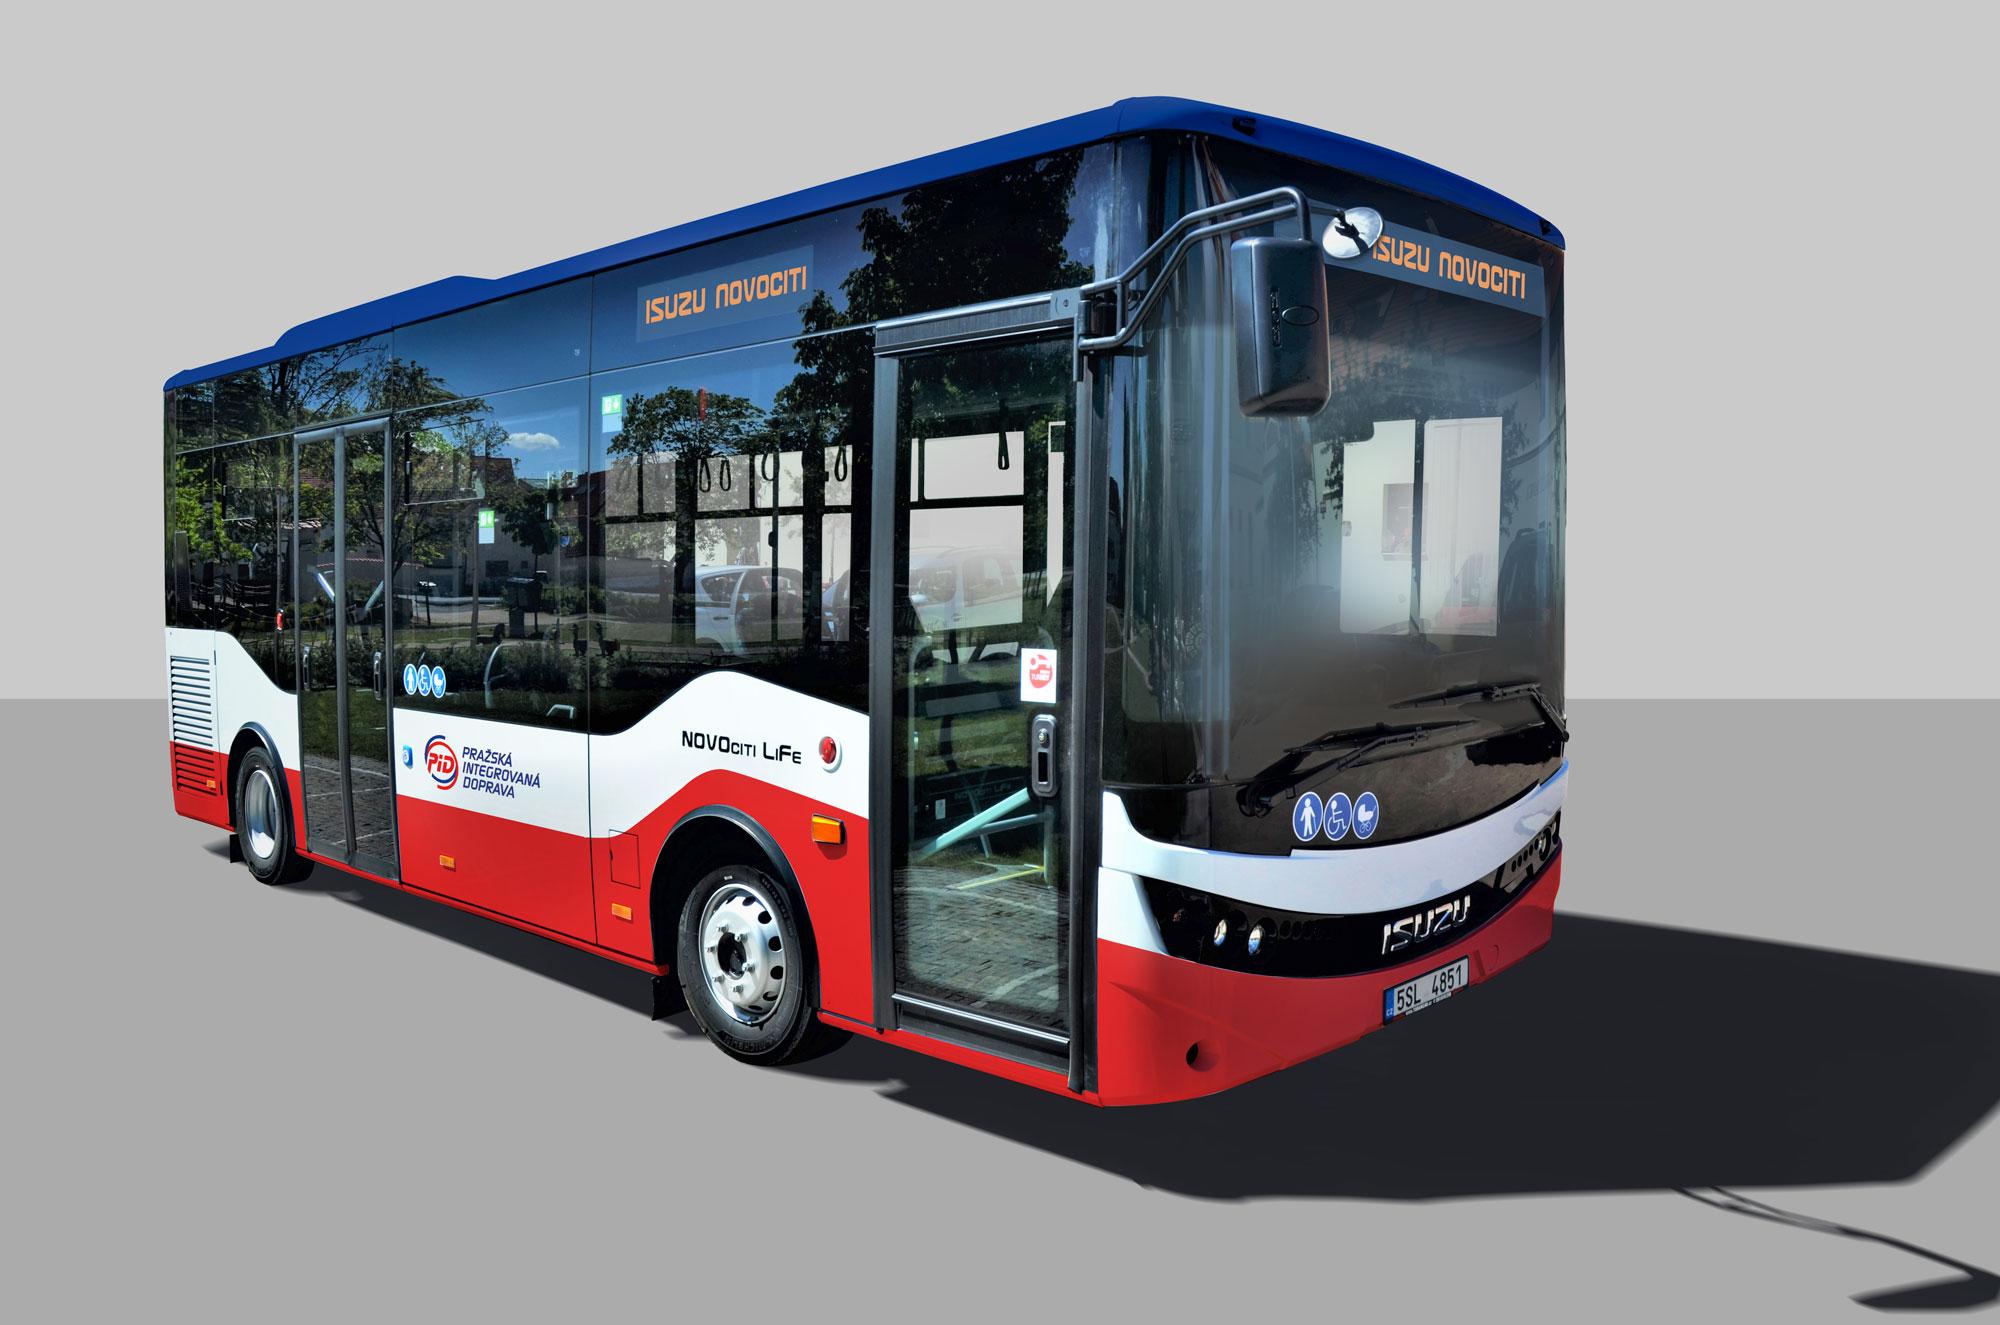 ISUZU NovoCiti Life, nový autobus pro Pražskou integrovanou dopravu (PID)